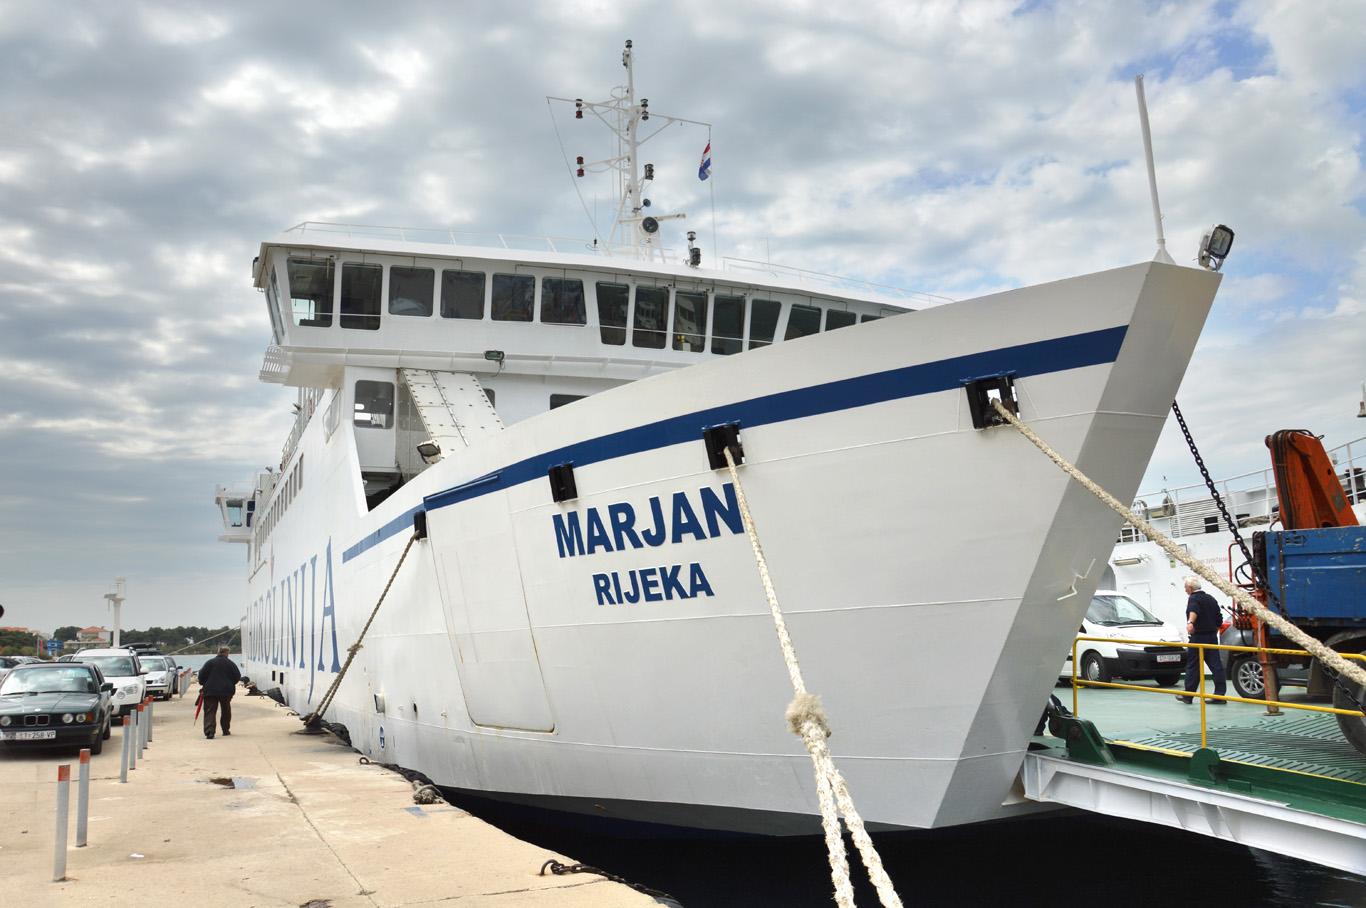 Supetar port - the ferry